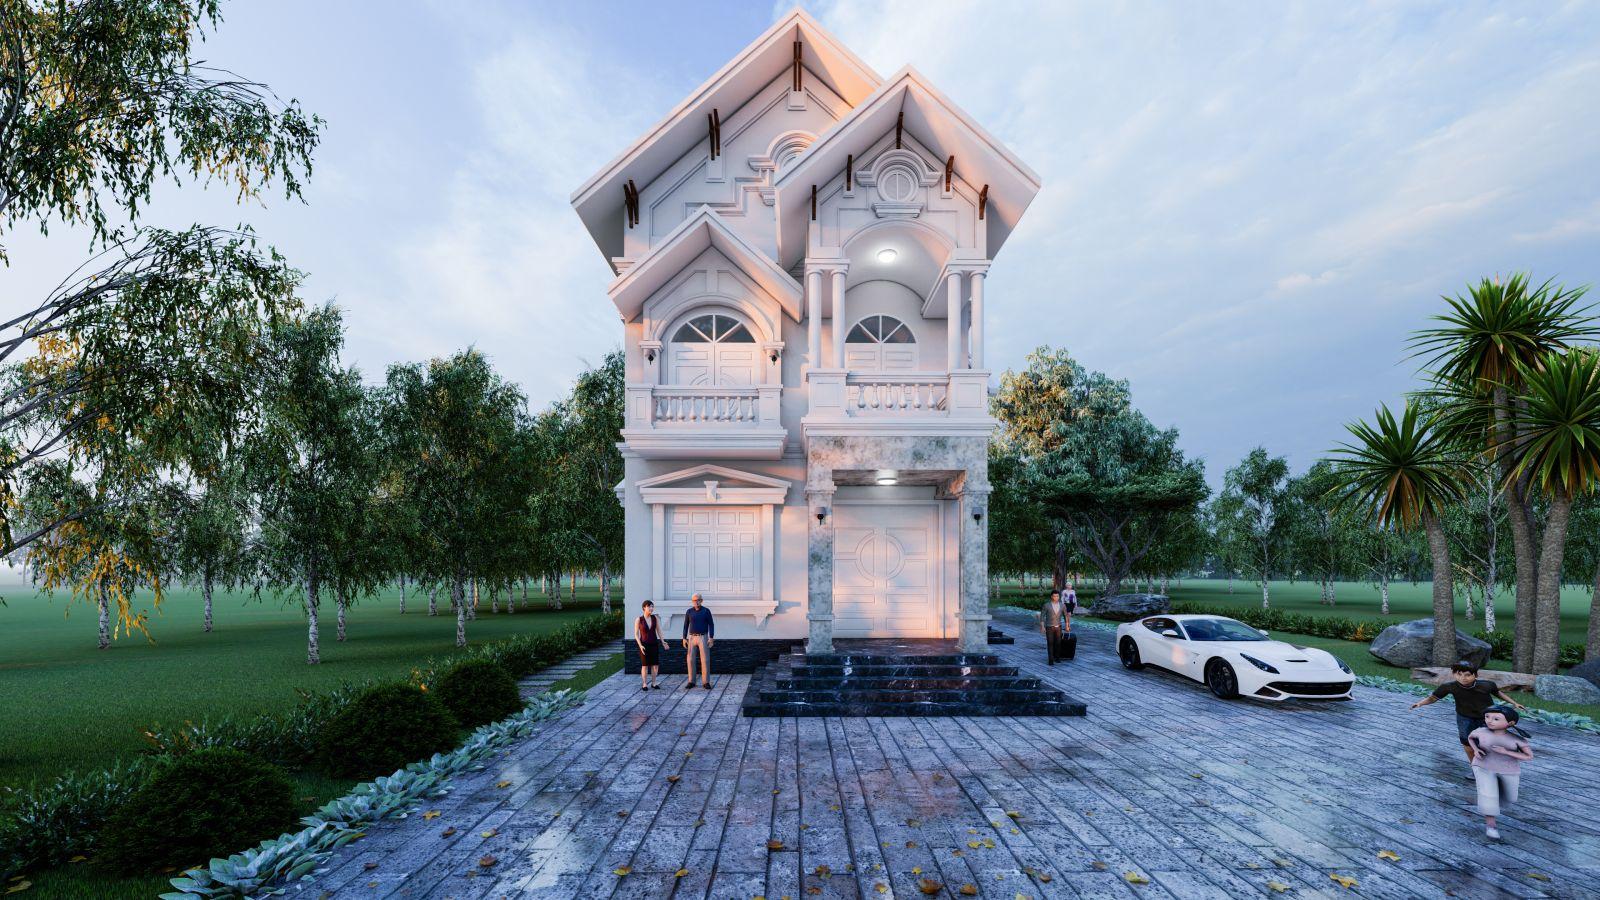 Thiết kế biệt thự tân cổ điển tại Tứ Kỳ, Hải Dương